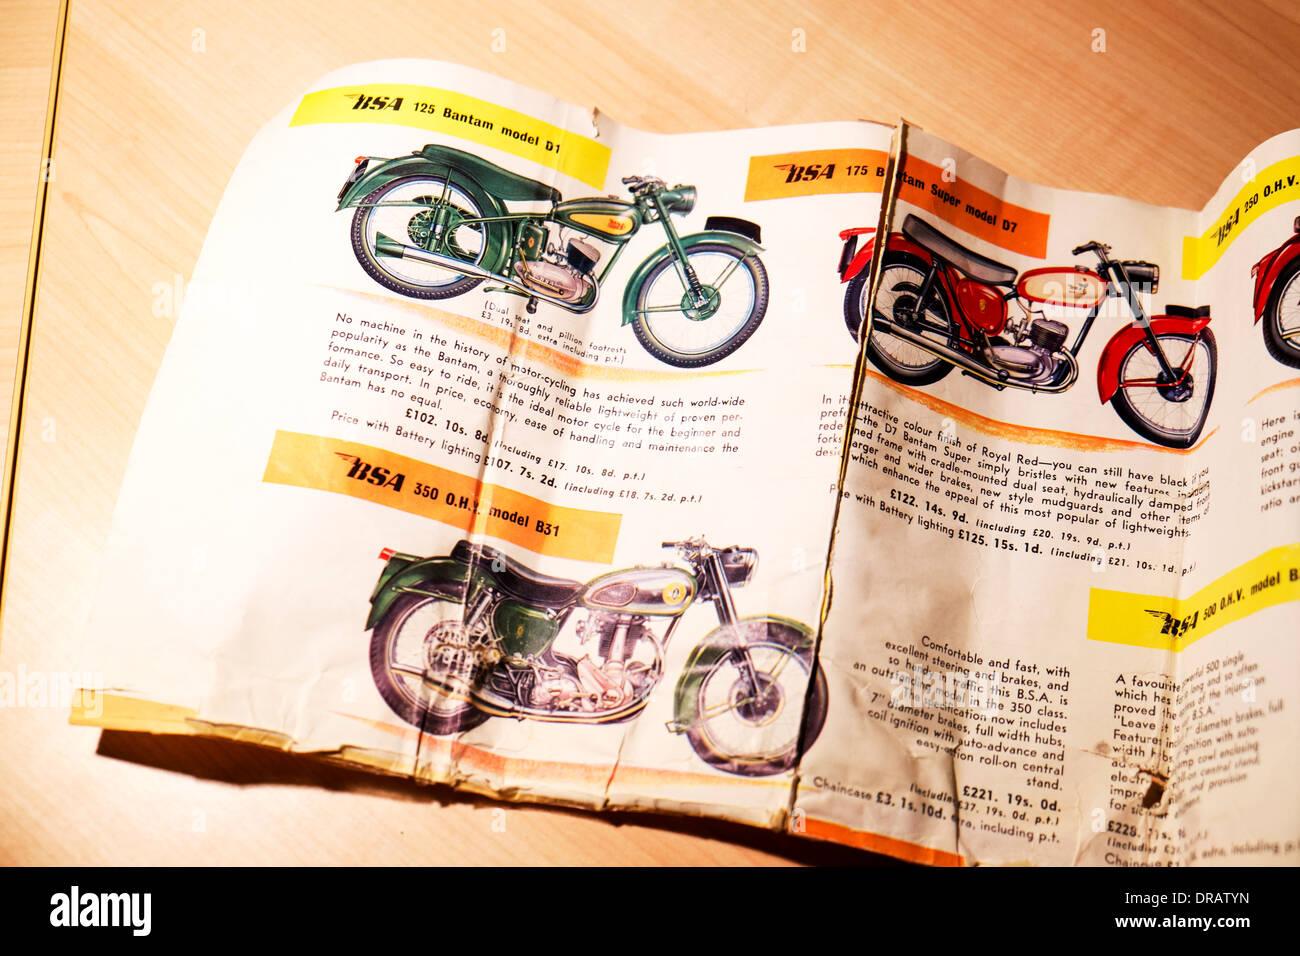 1960 brochure pour vélos motos BSA Prix de vente & bantam originale vhr 350 Modèle B31 & Bantam Super D7 Photo Stock